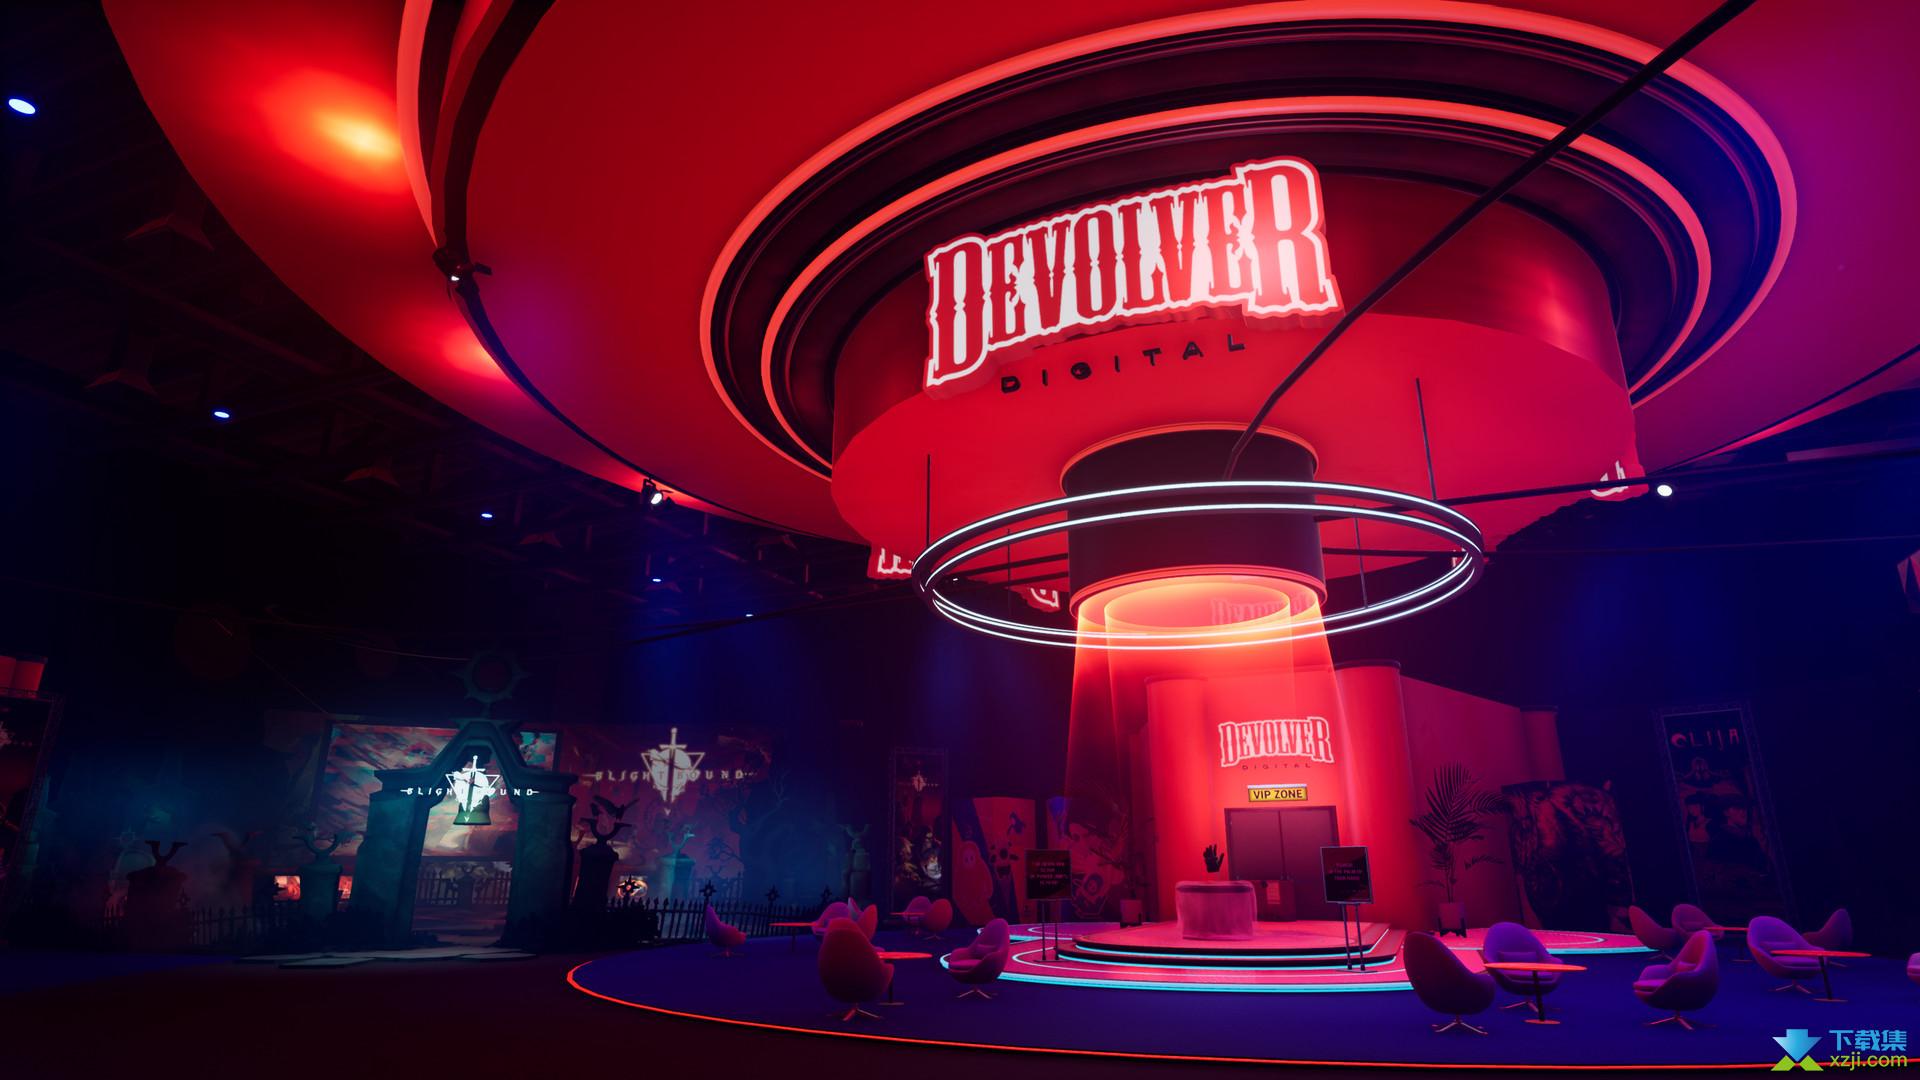 Devolverland Expo界面4